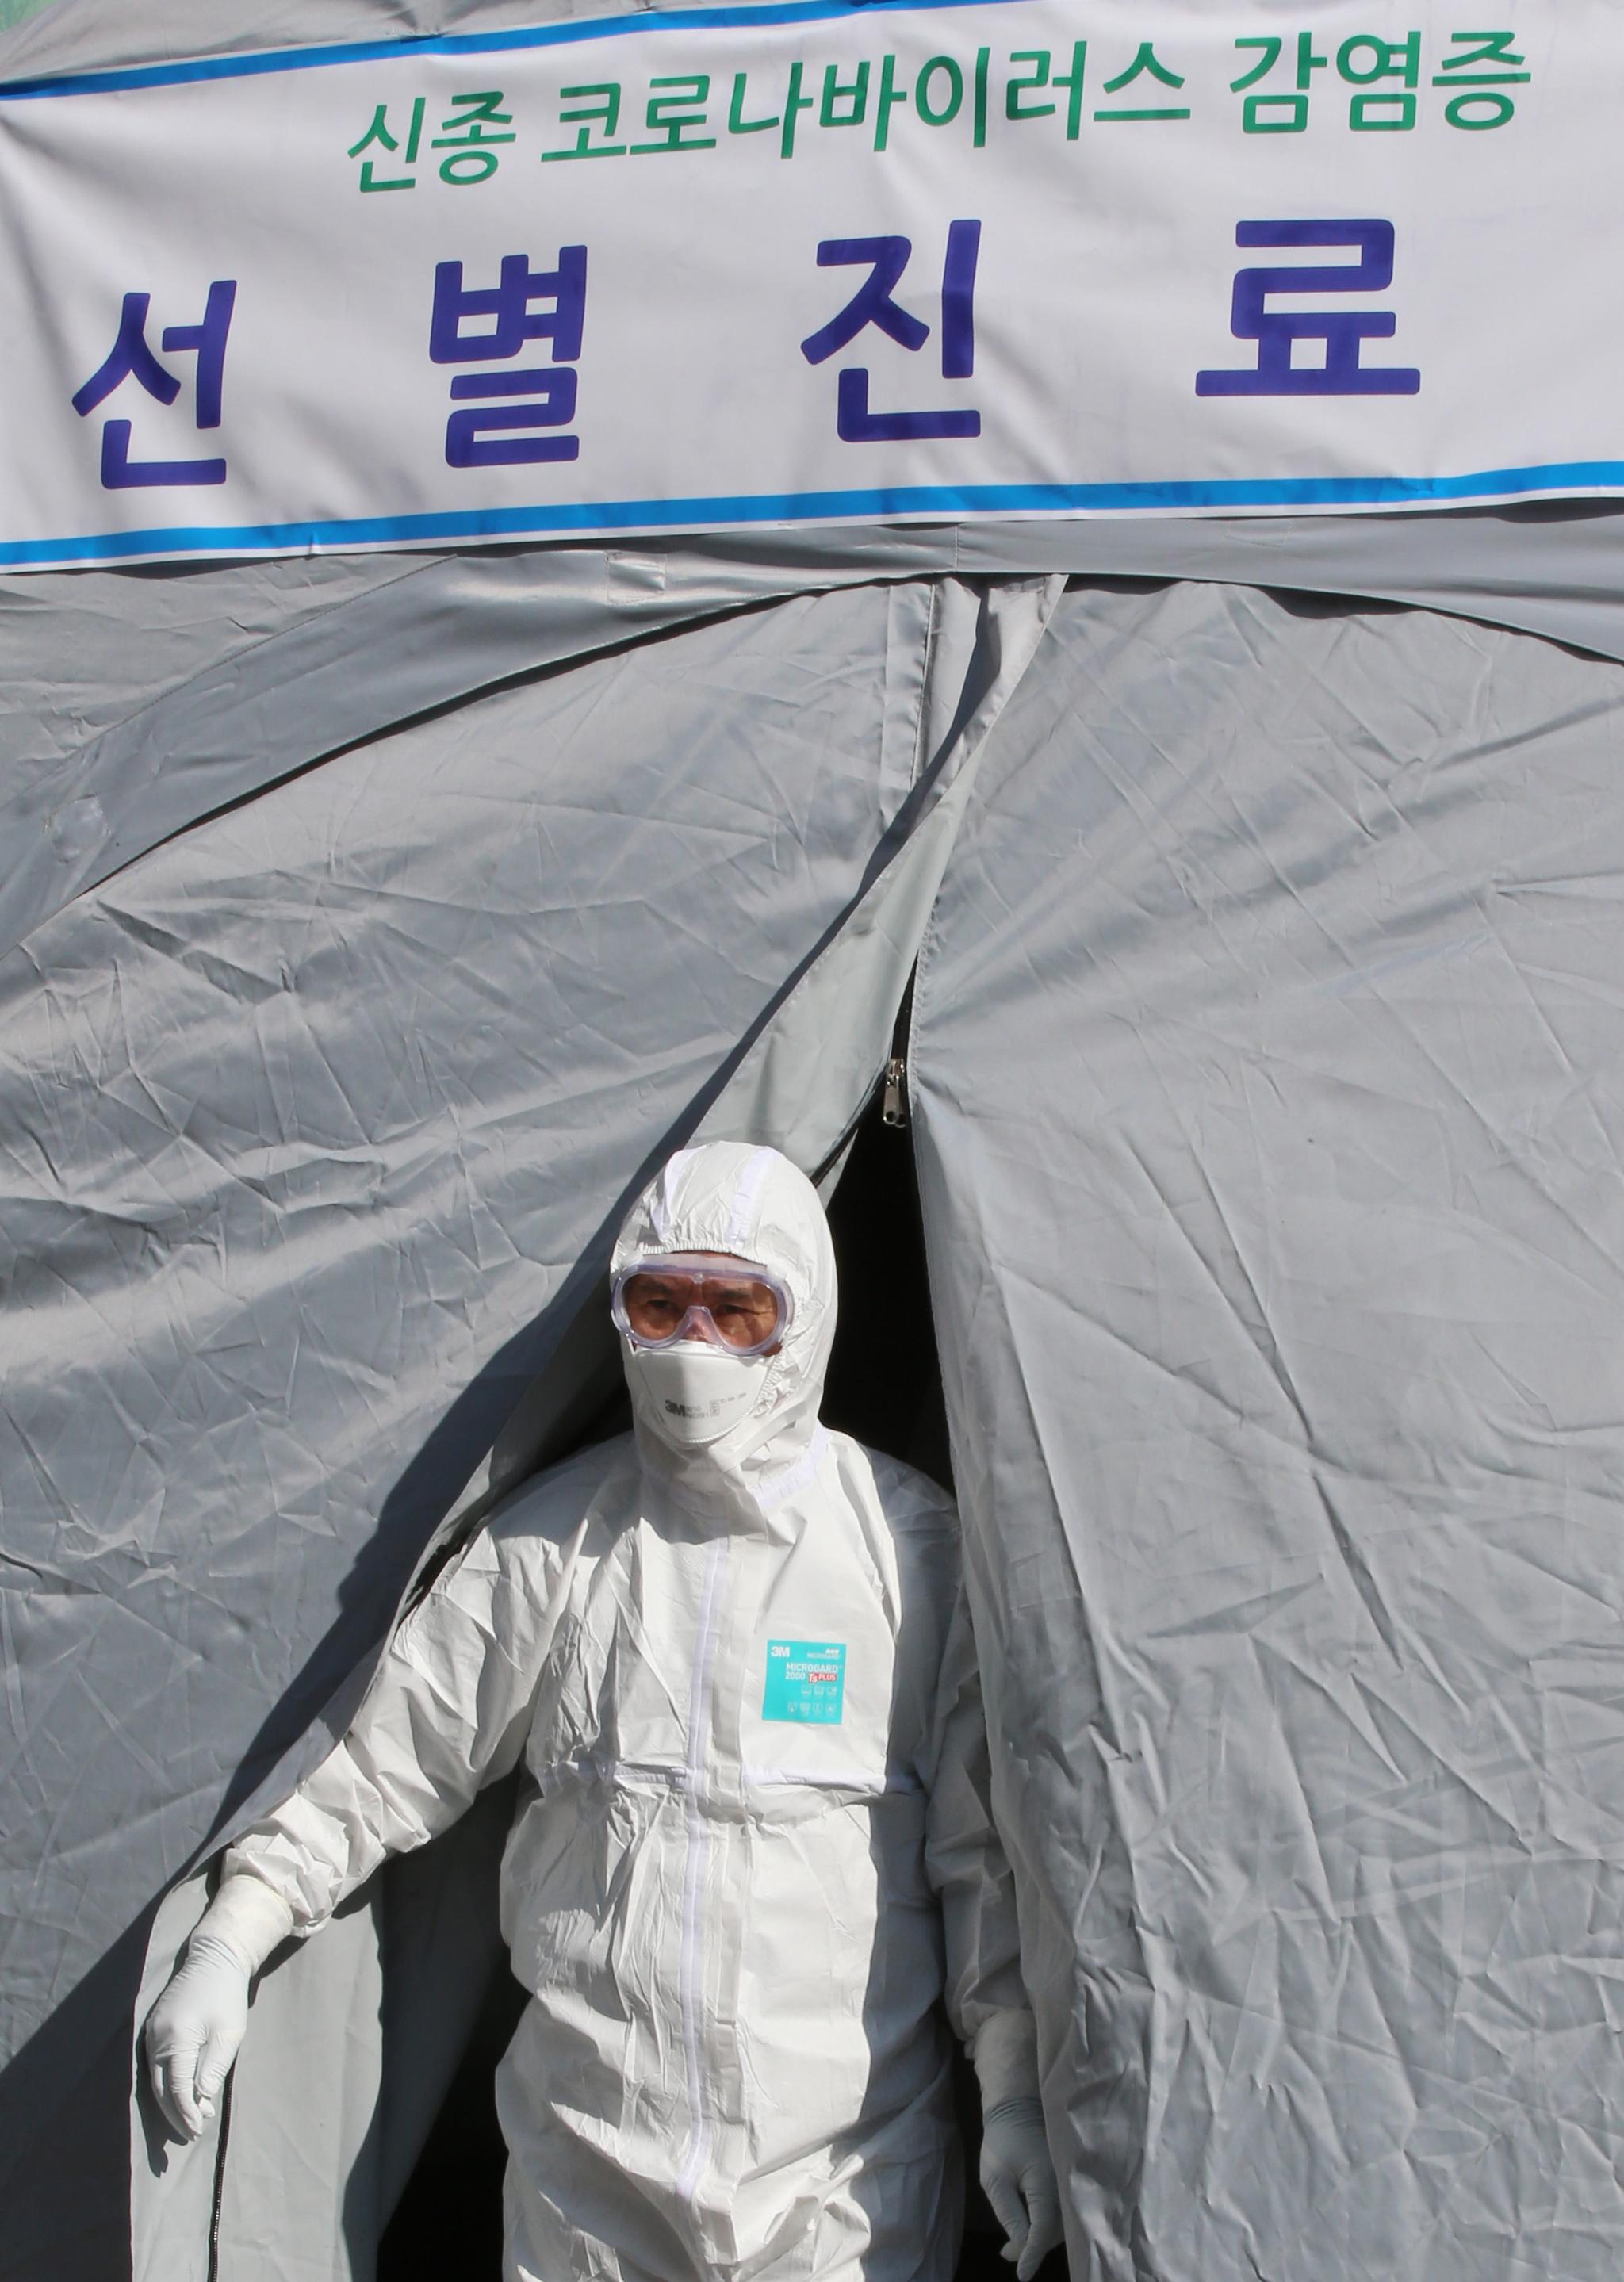 9일 대전 유성보건소에 마련된 신종 코로나바이러스 감염증 선별진료소에서 근무자가 나오고 있다. [뉴스1]